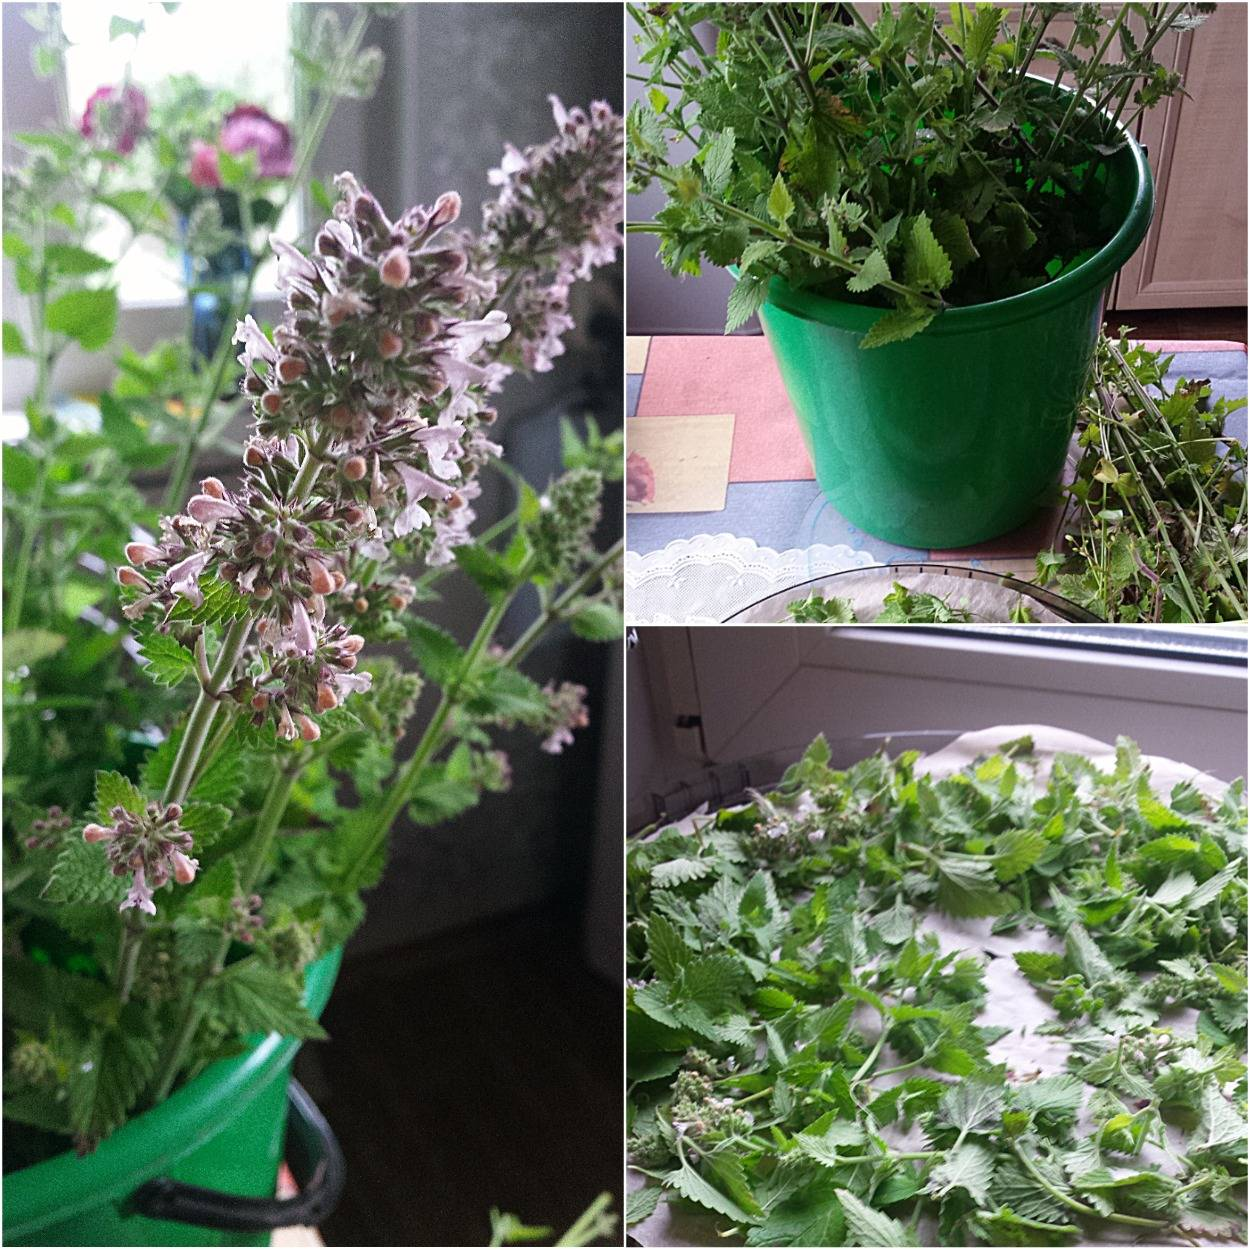 Чабрец — когда собирать и как сушить: в чем хранить сушеные травы и как их приготовить, для чего нужен тимьян | domovoda.club